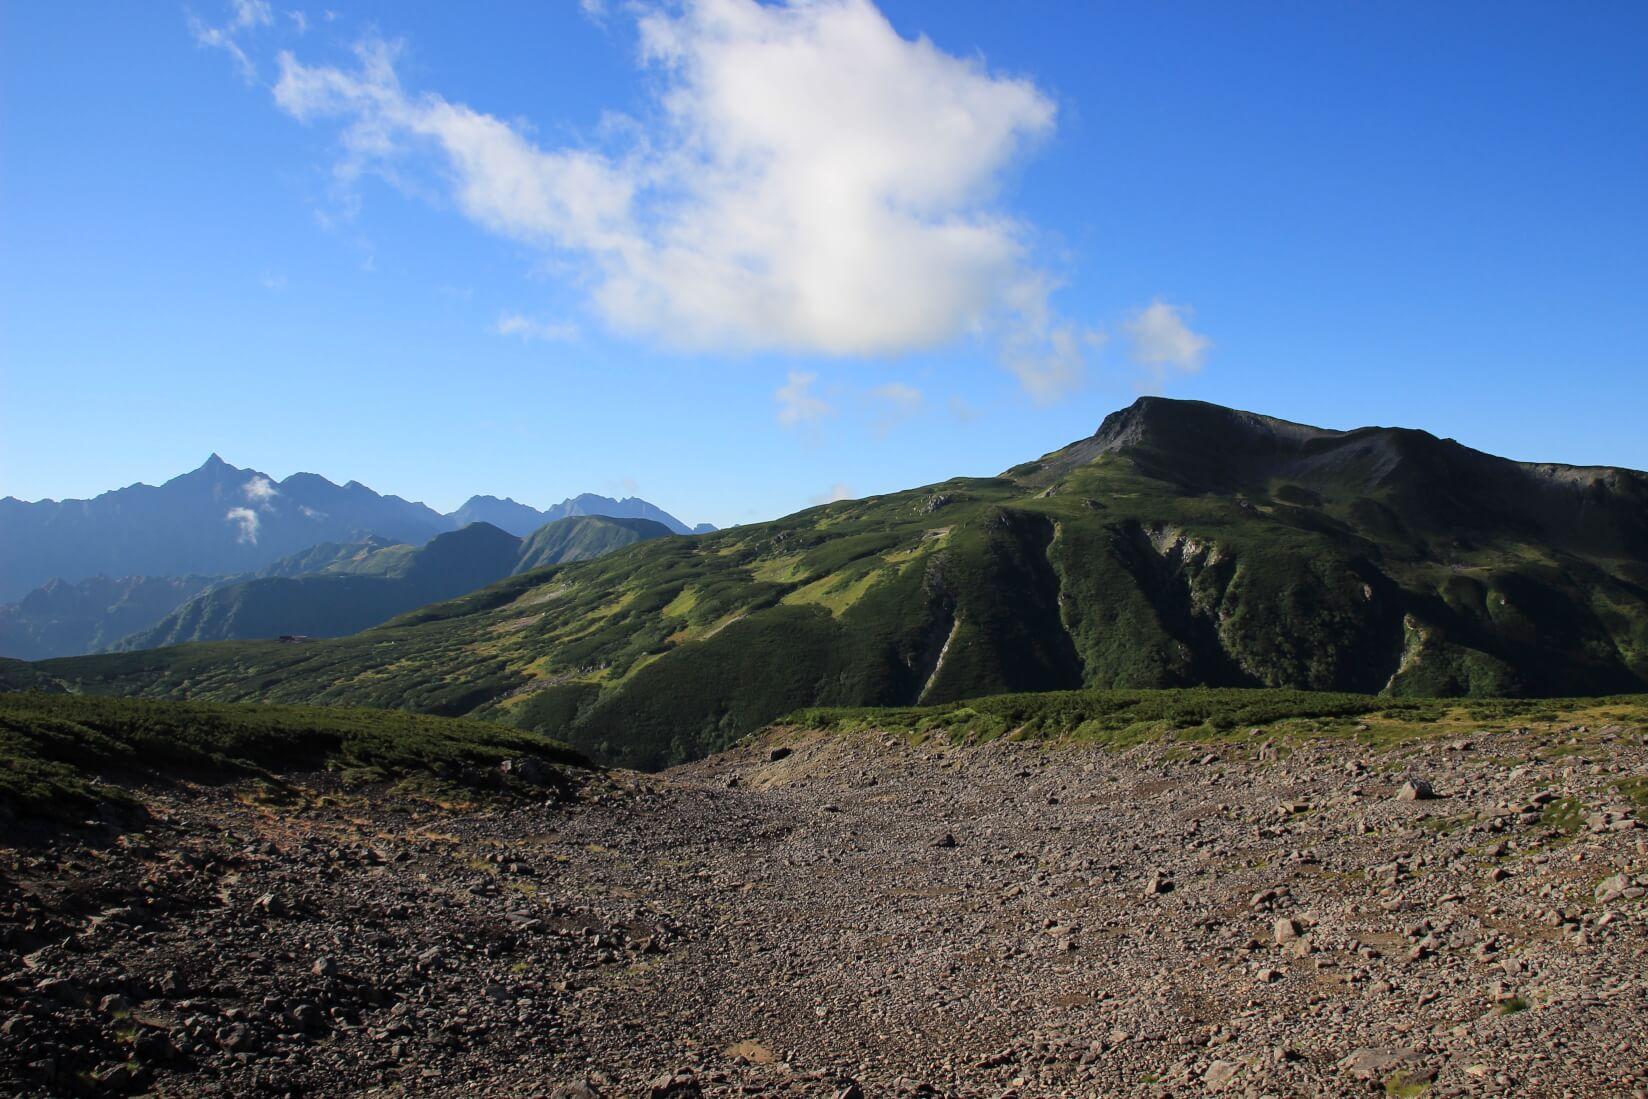 雲ノ平から黒部源流までの区間より槍ヶ岳